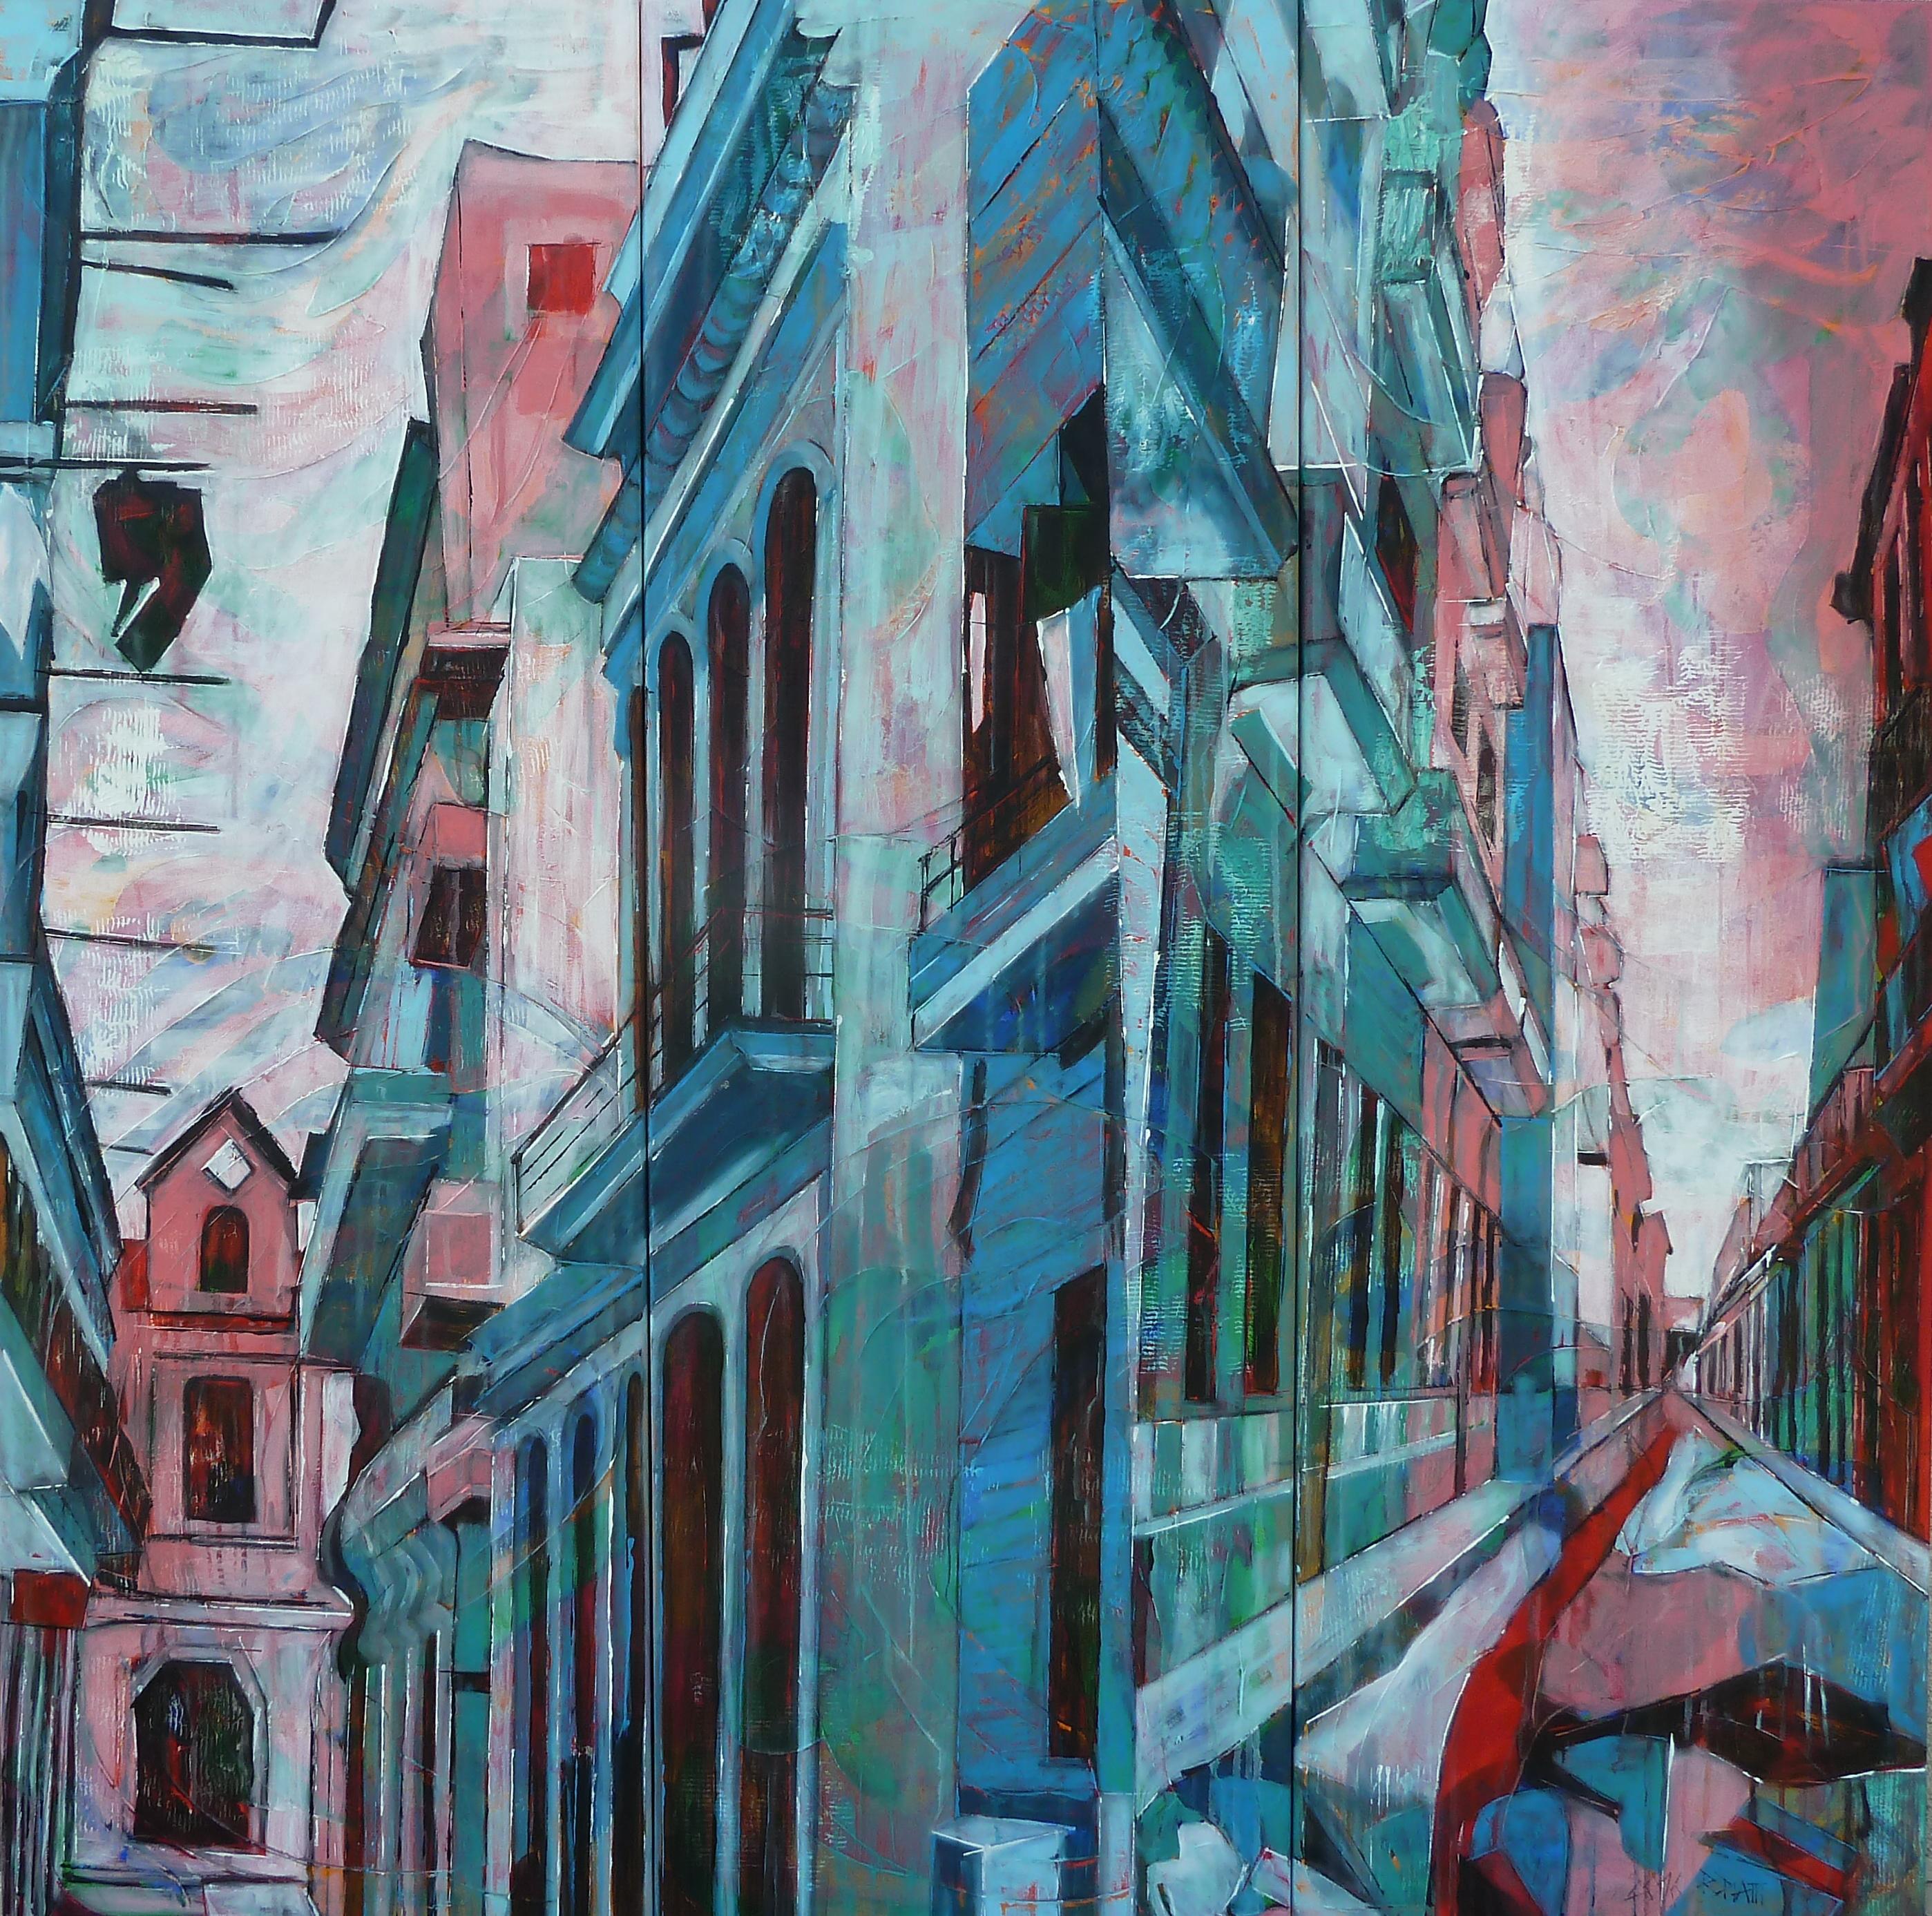 Old Havanna triptyque, La Havane huile sur toile 2016, 150 x 150 cm